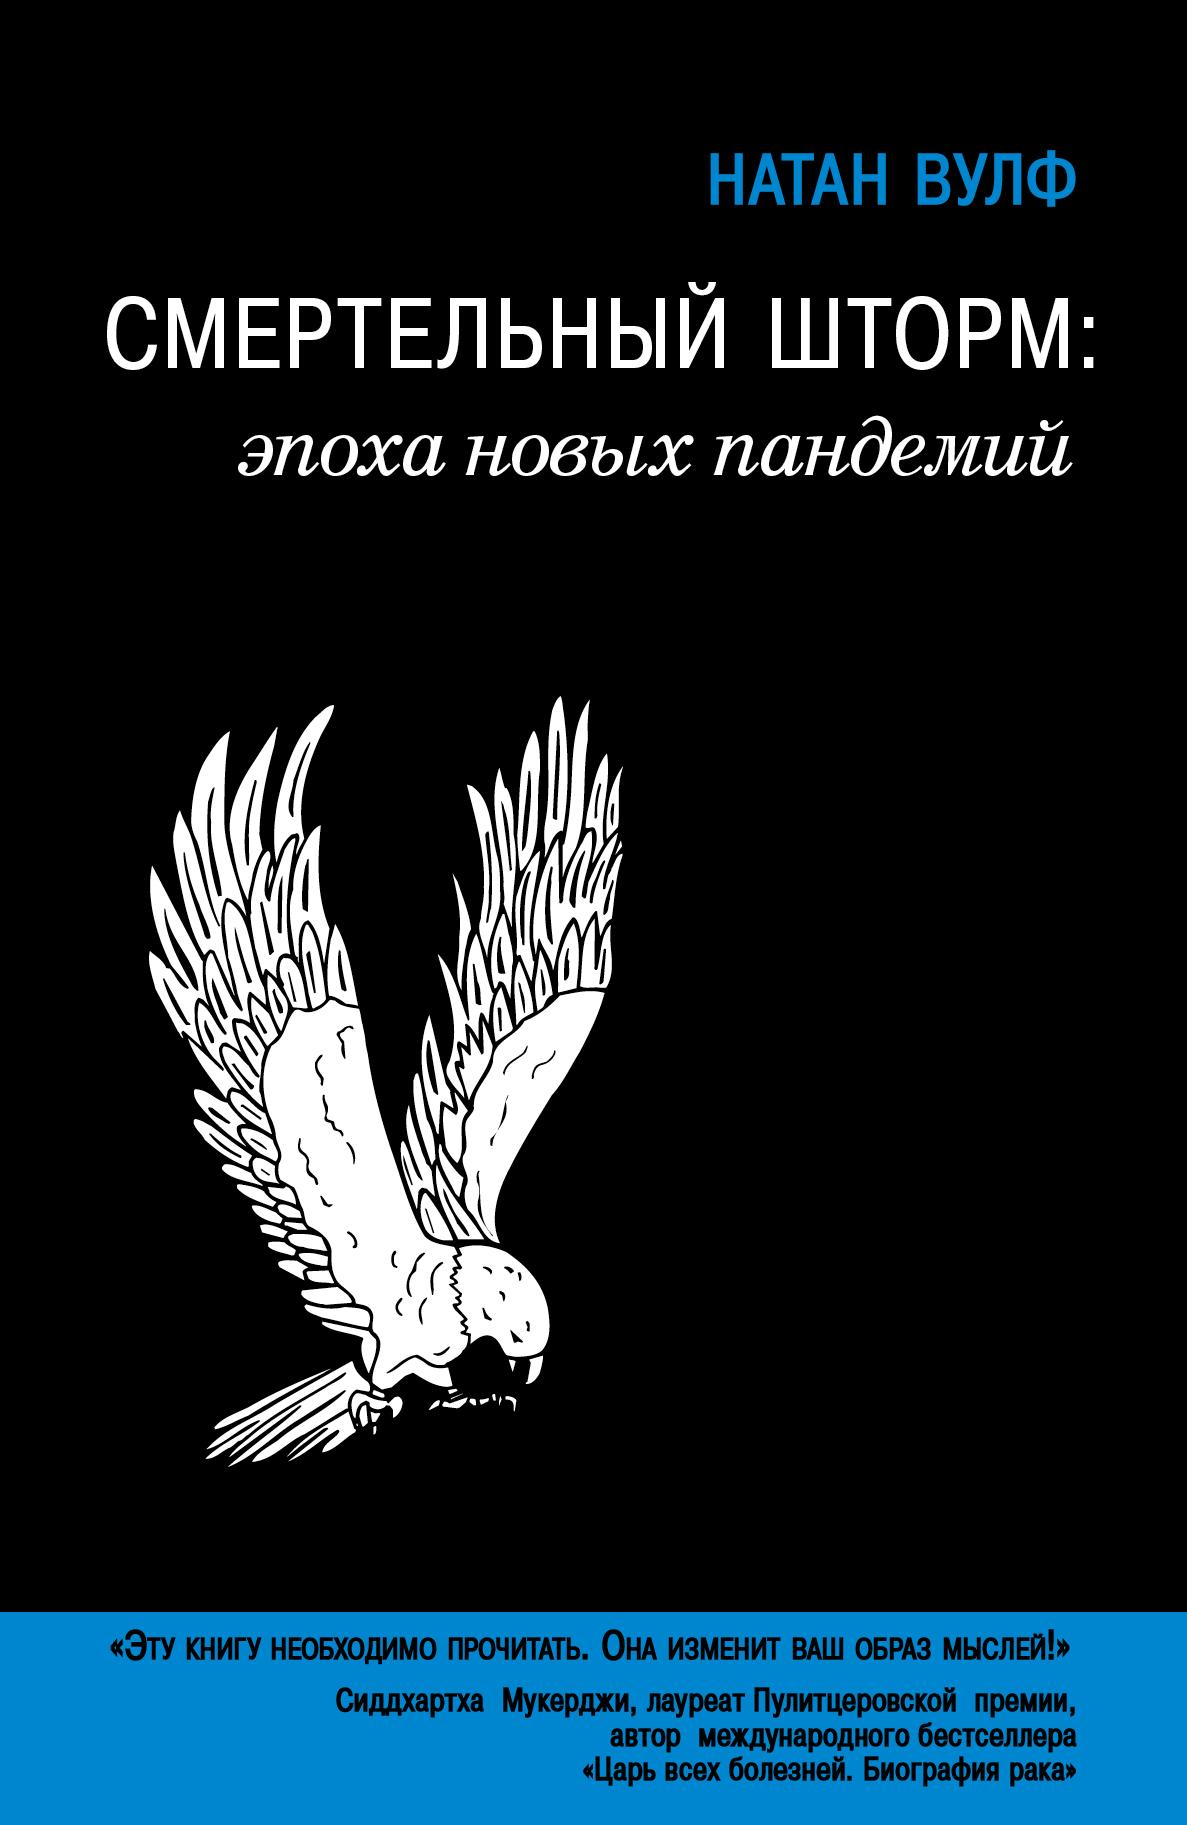 Смертельный шторм: эпоха новых пандемий от book24.ru